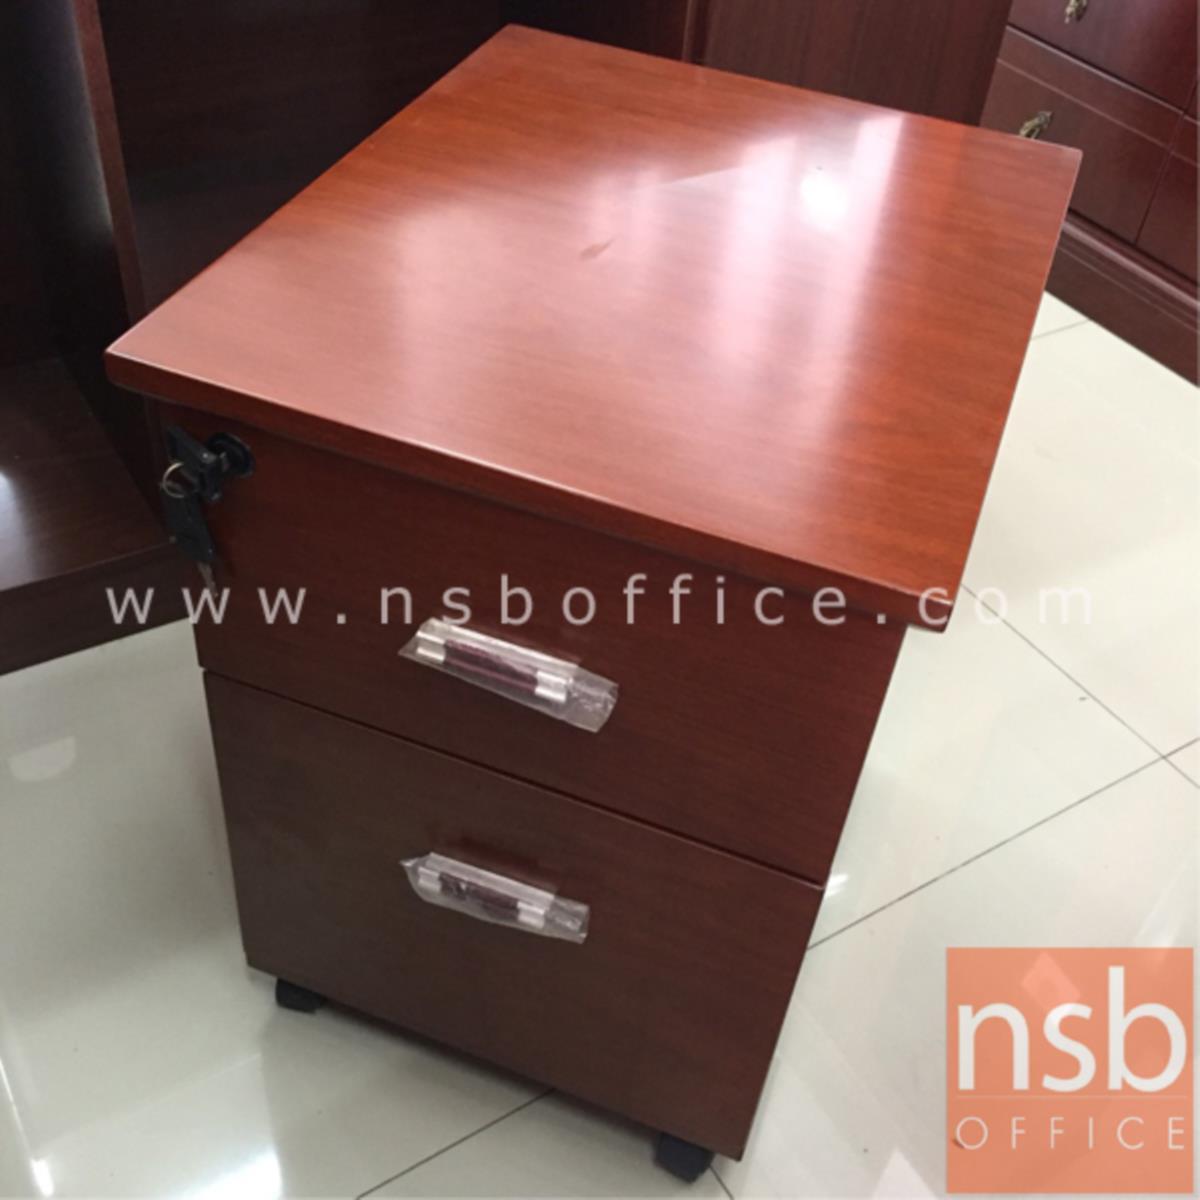 โต๊ะผู้บริหารตัวแอล  รุ่น Hutcherson (ฮัทเชอร์สัน) ขนาด 160W cm. พร้อมตู้ข้างและตู้ลิ้นชัก